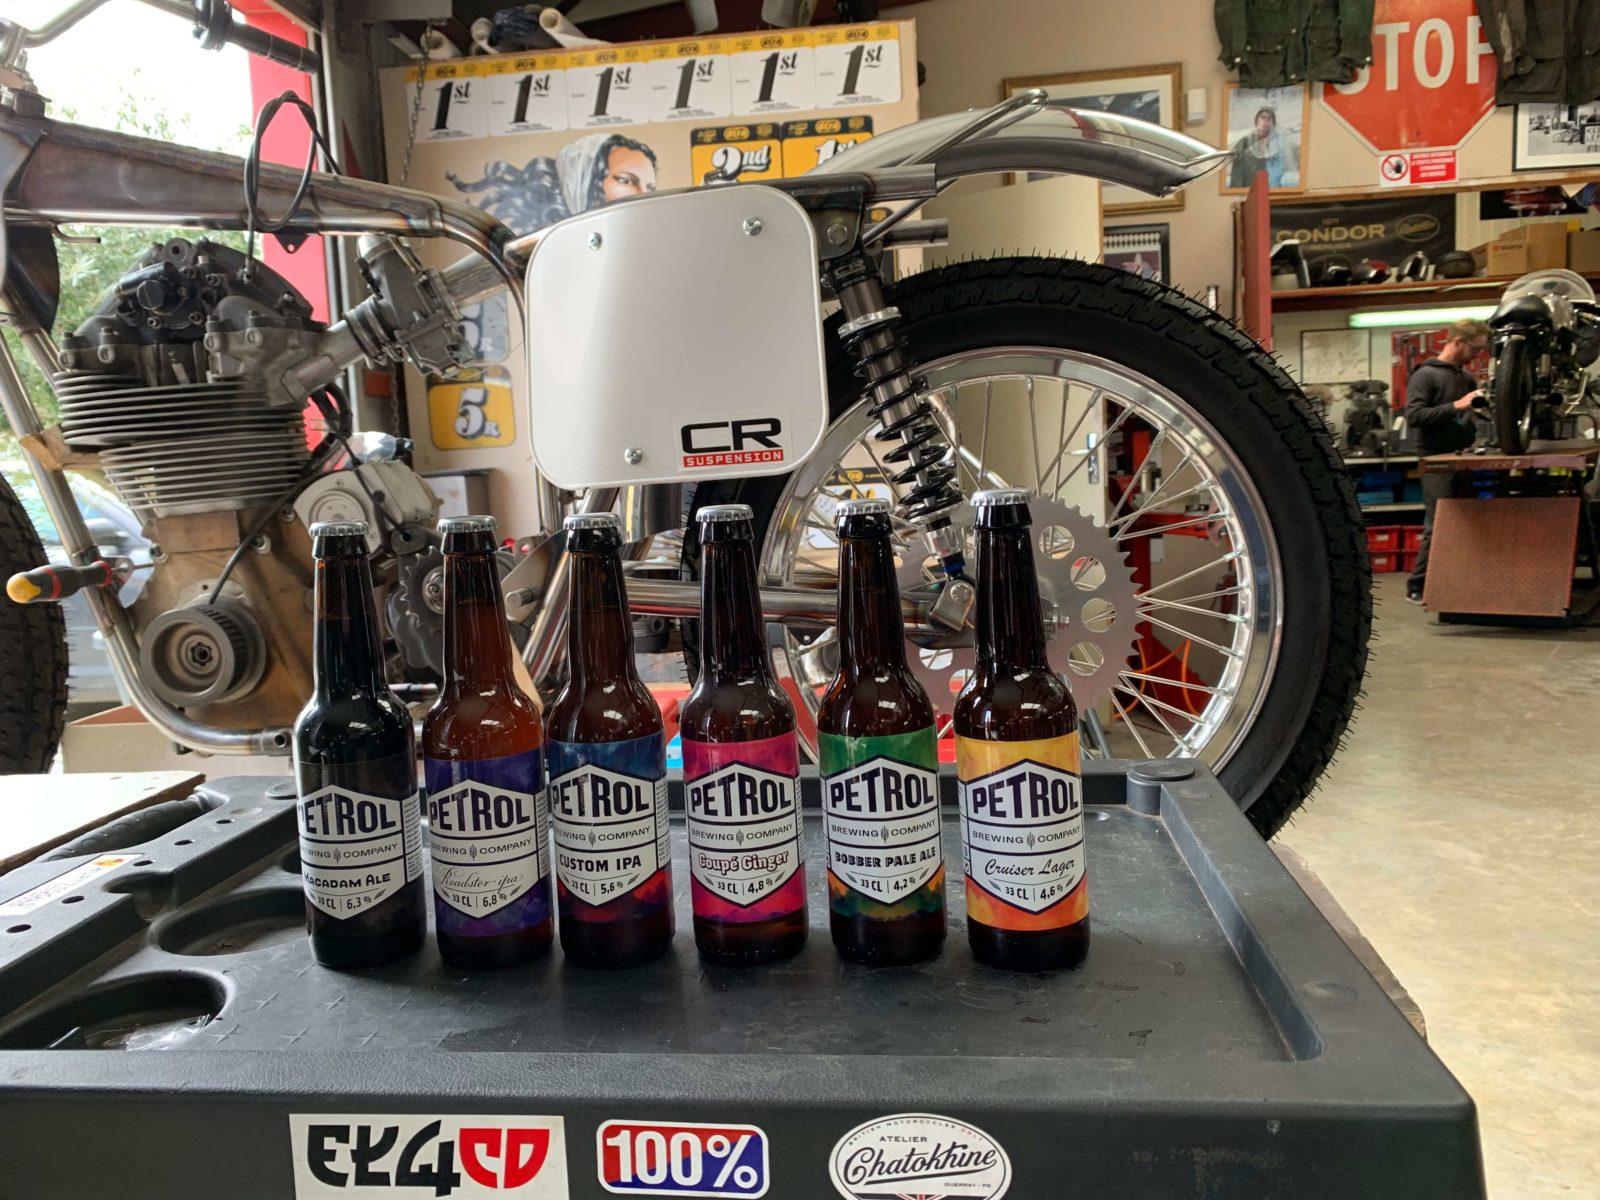 petrol beer biere craft artisanale paris